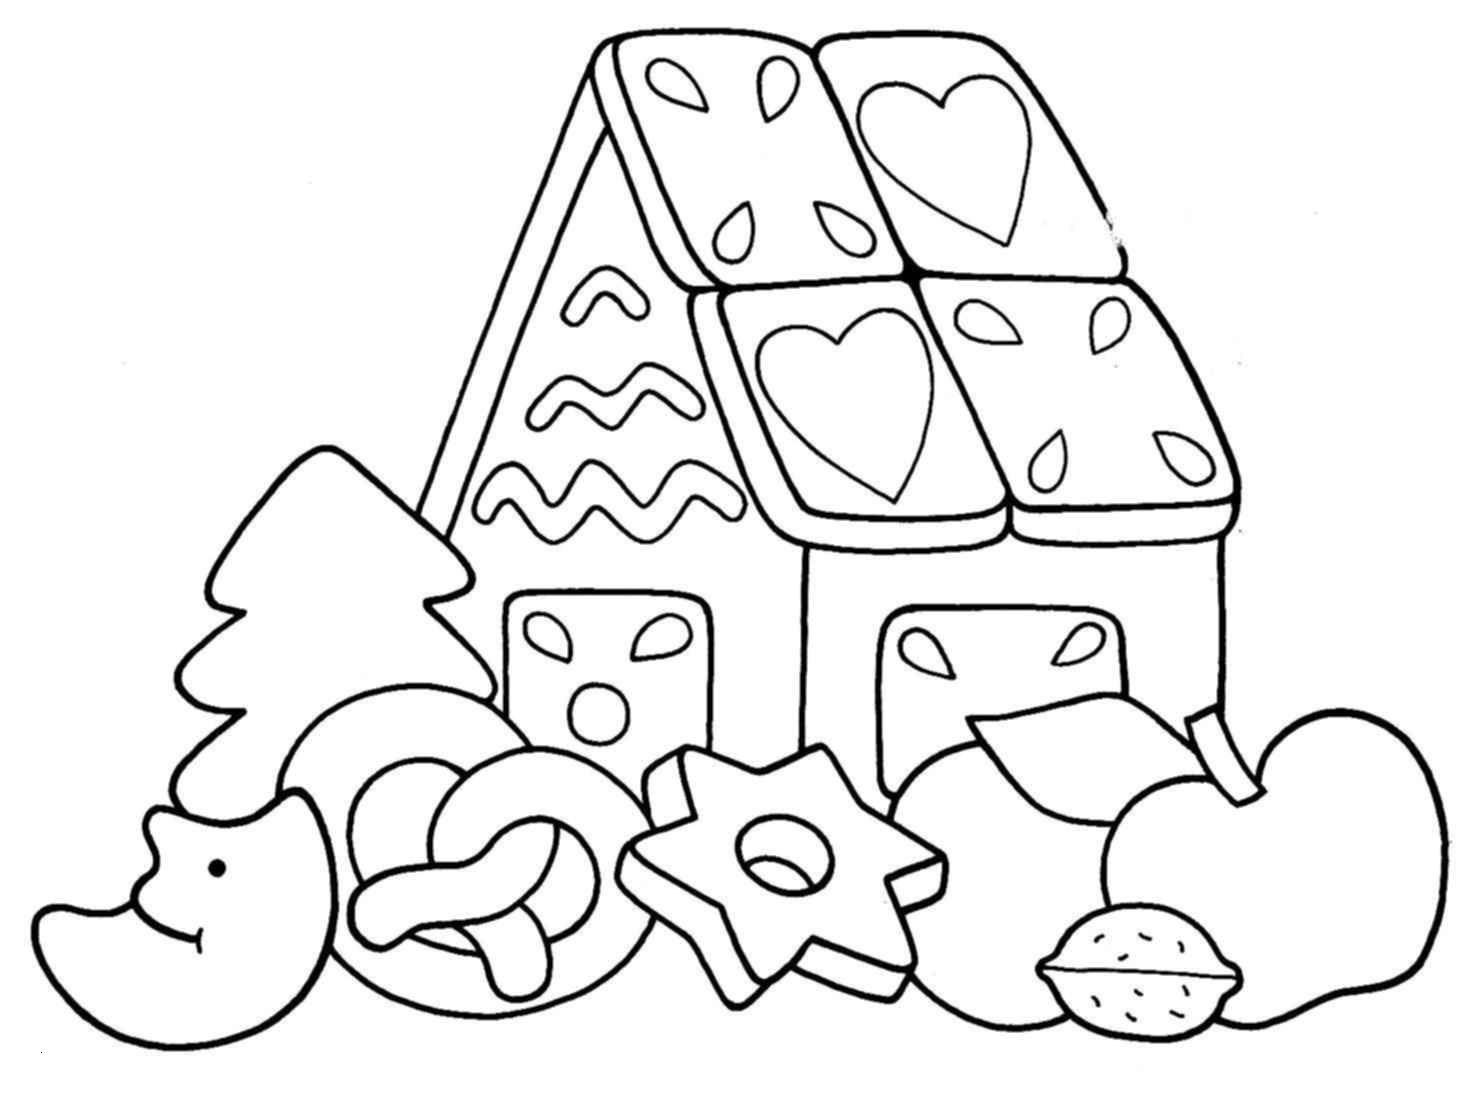 Kartoffel Bilder Zum Ausdrucken Neu Ausmalbilder Kartoffel Genial 37 Ausmalbilder Model Scoredatscore Bild